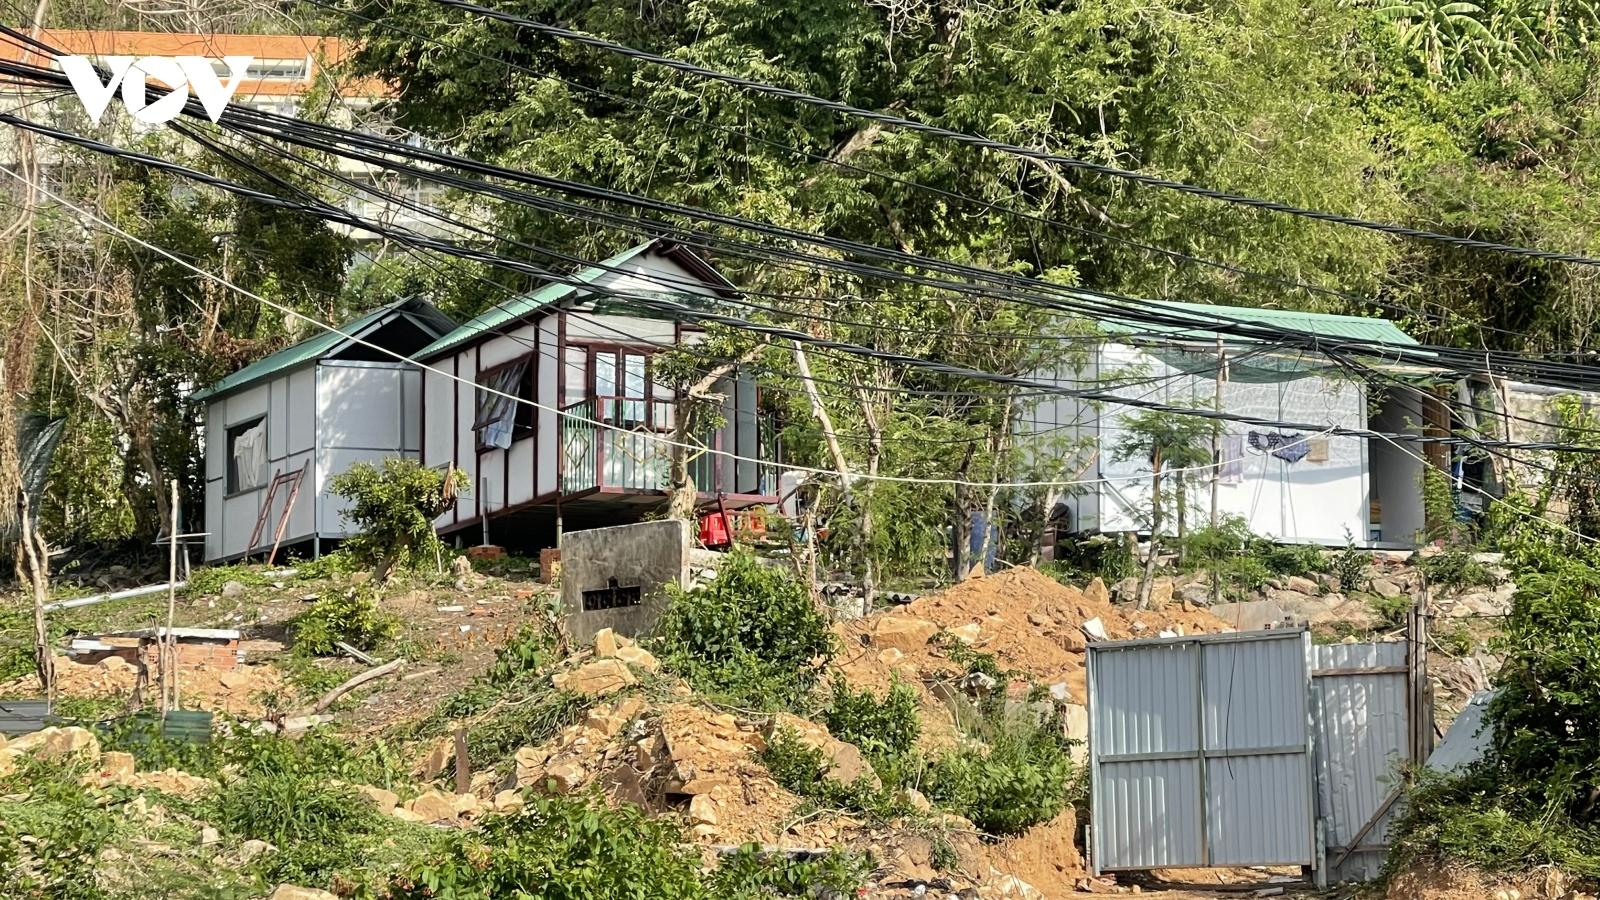 Chiếm đất do nhà nước quản lý, một doanh nghiệp bị phạt 600 triệu đồng